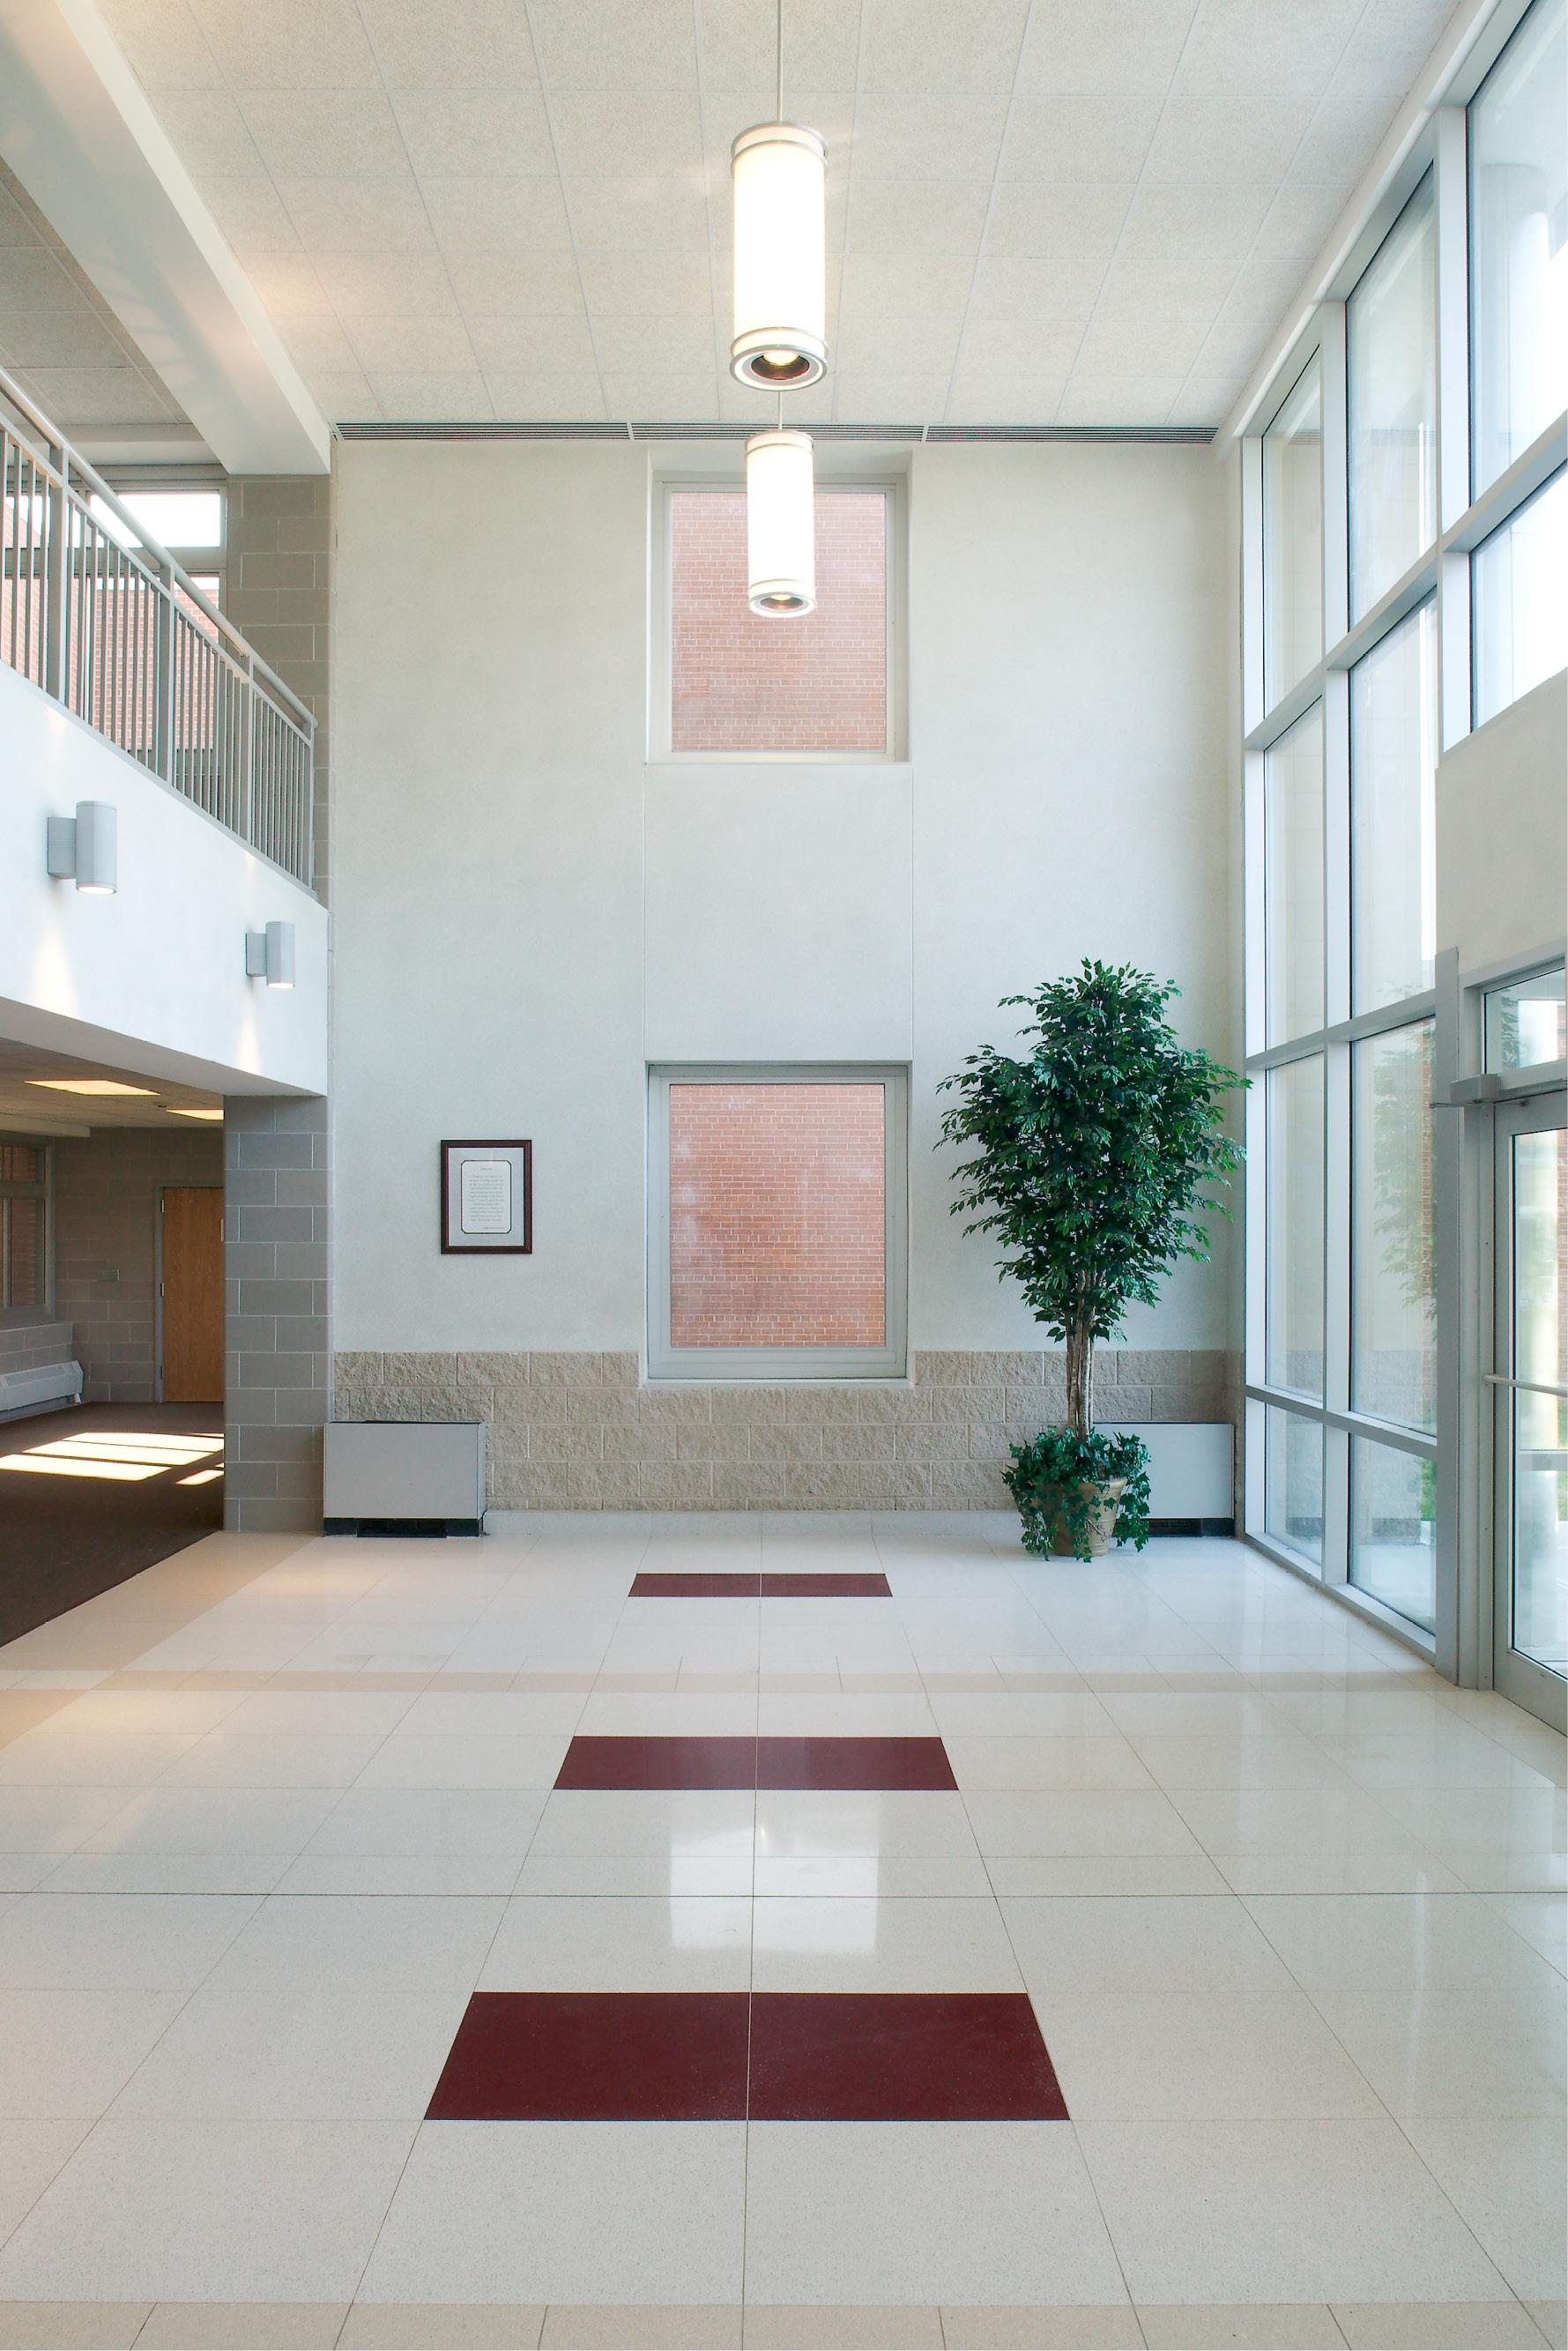 East Meadow Union Free School District